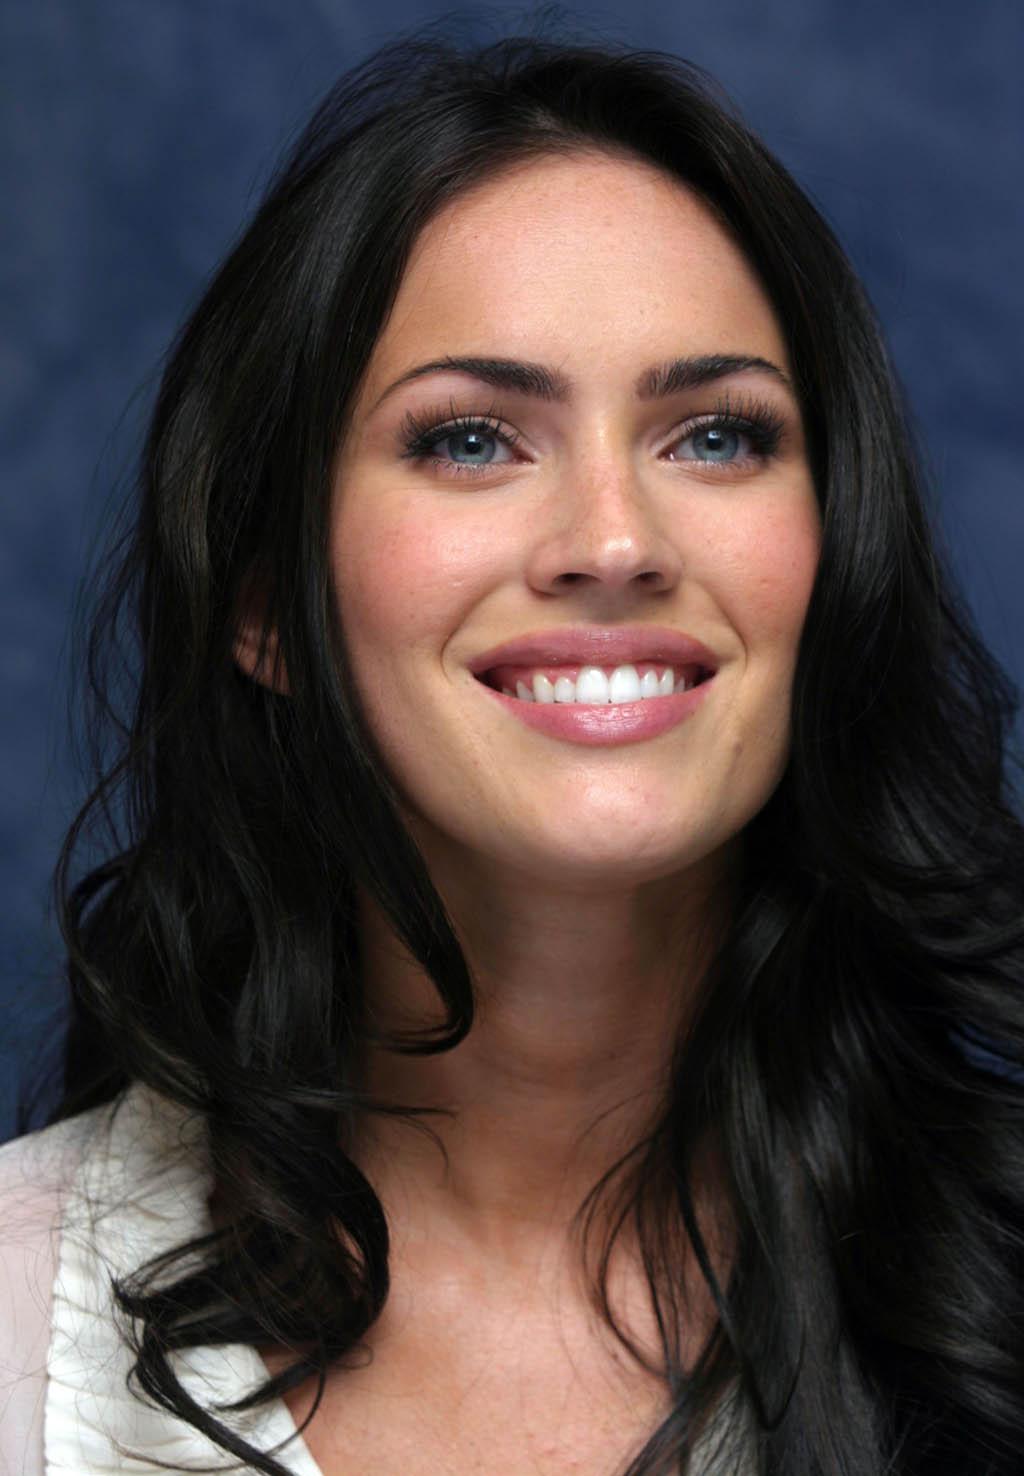 Самые популярные актрисы зарубежные фото 22 фотография